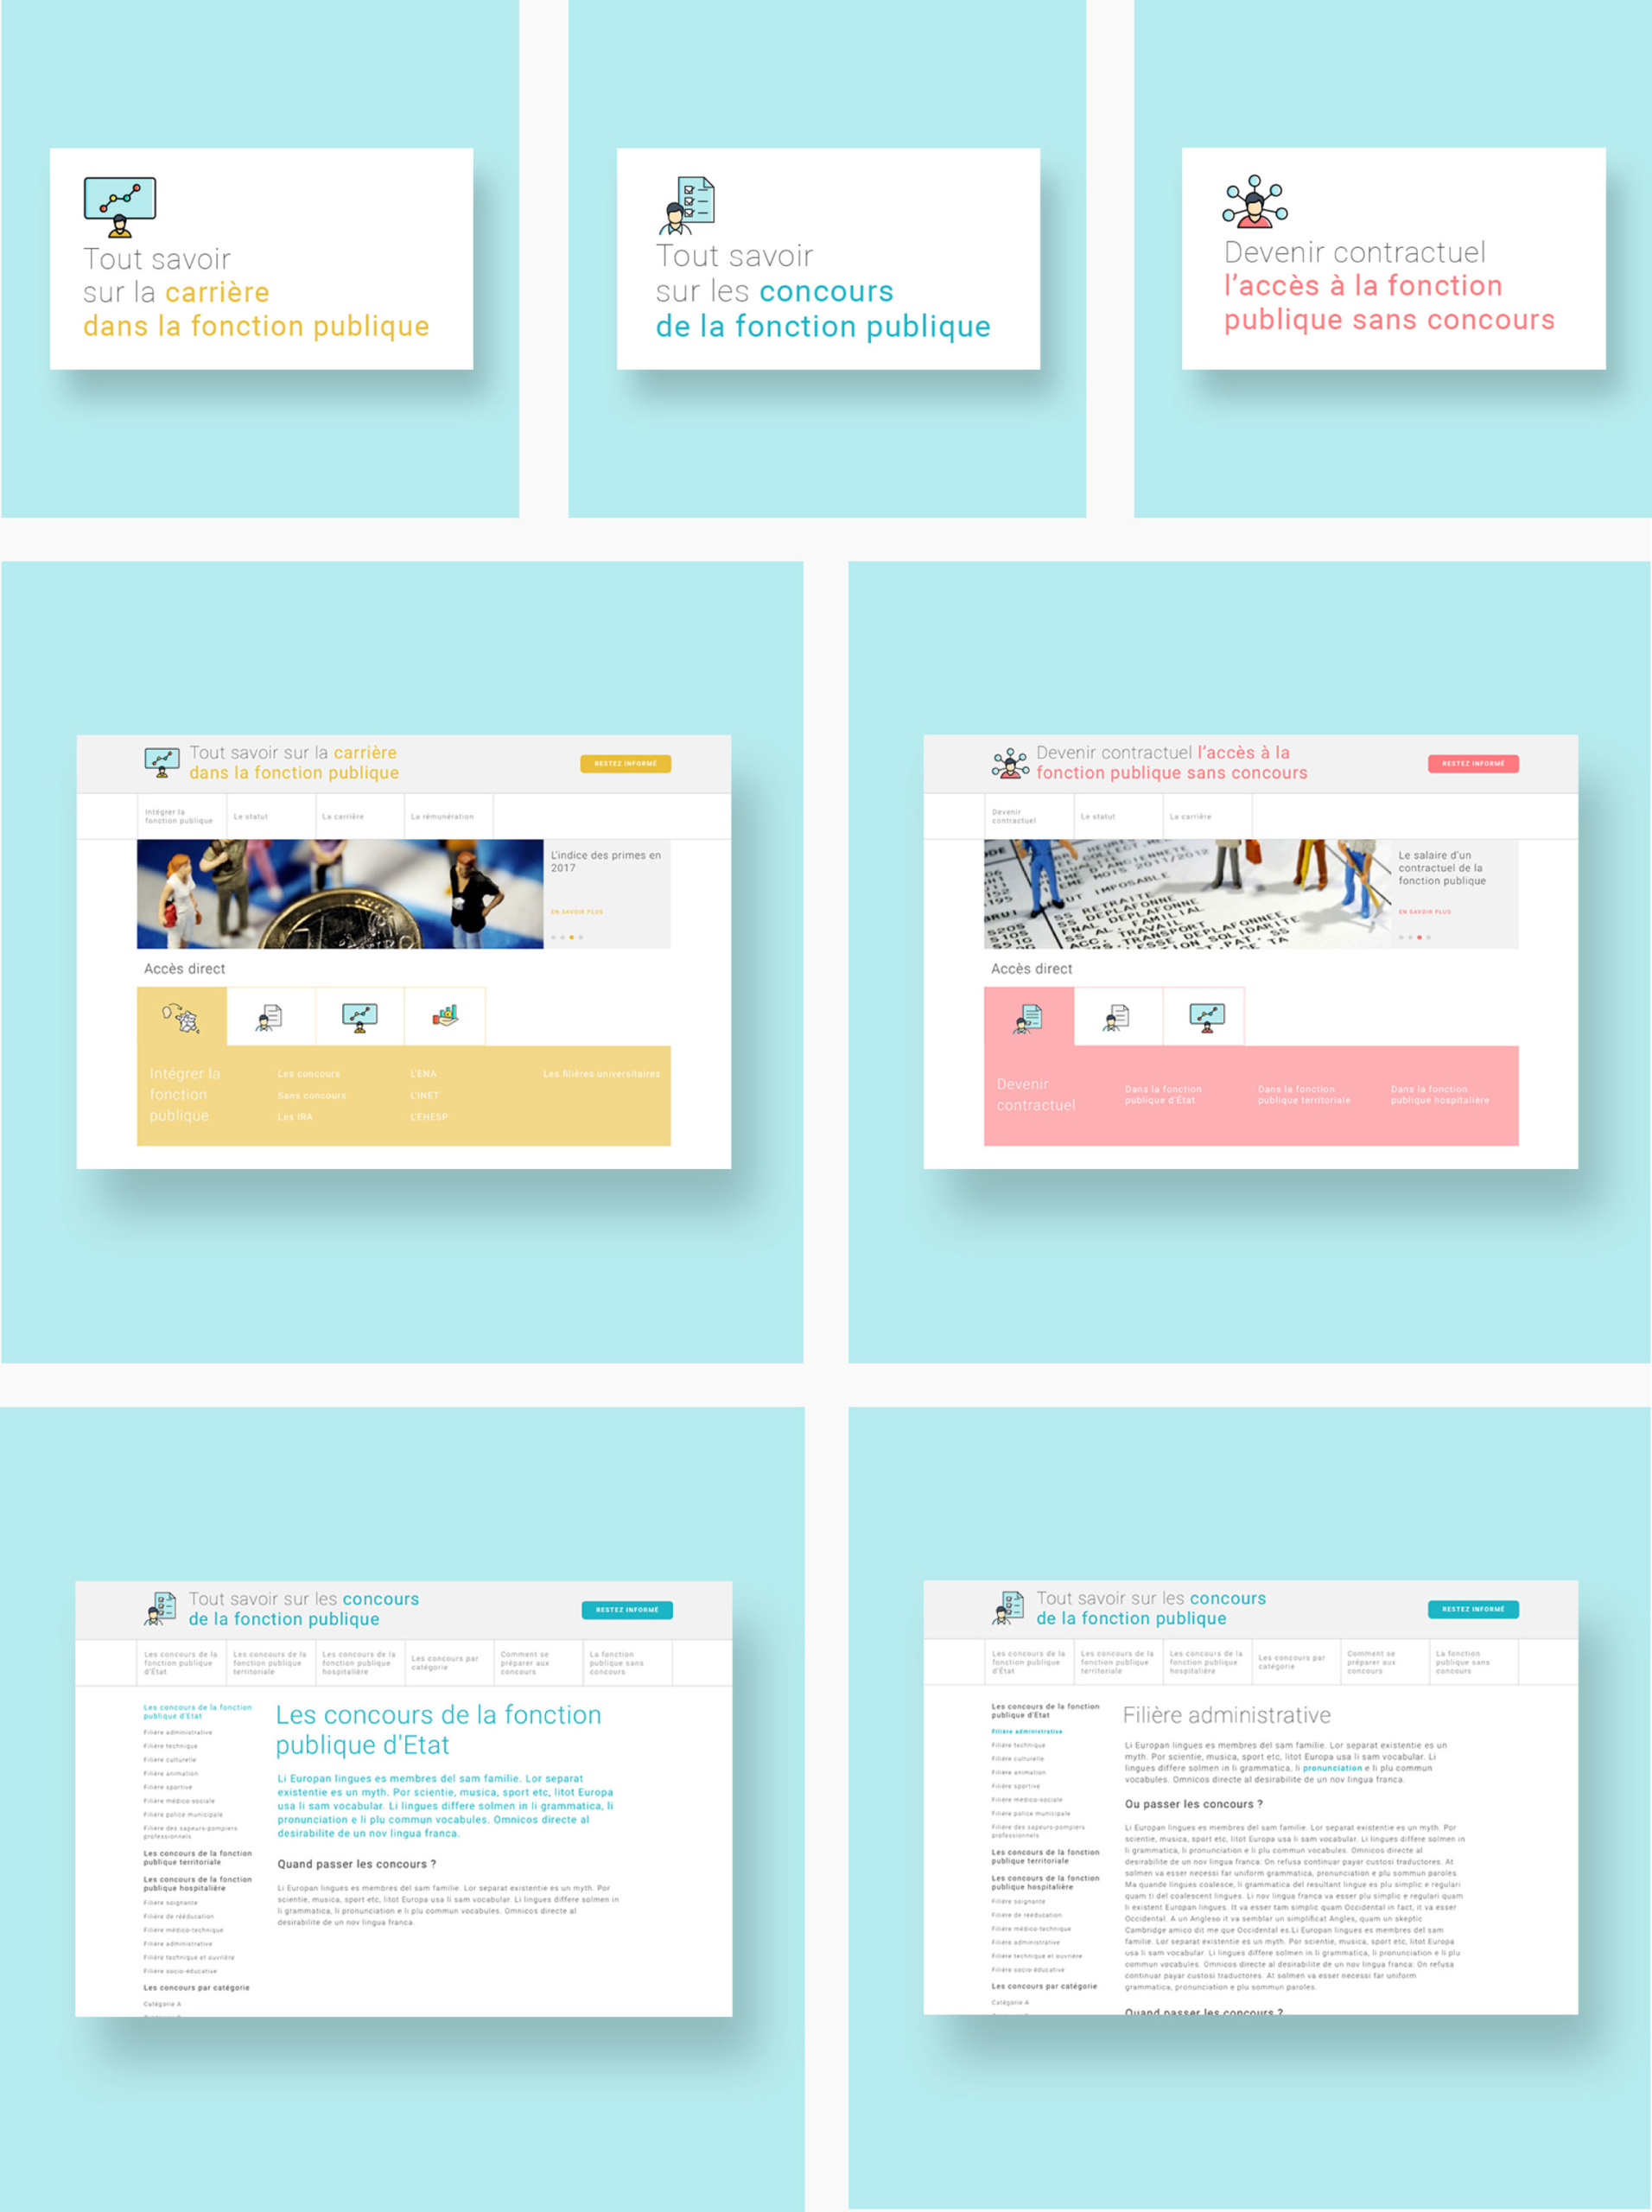 Images des sites web sur les concours de secteur public